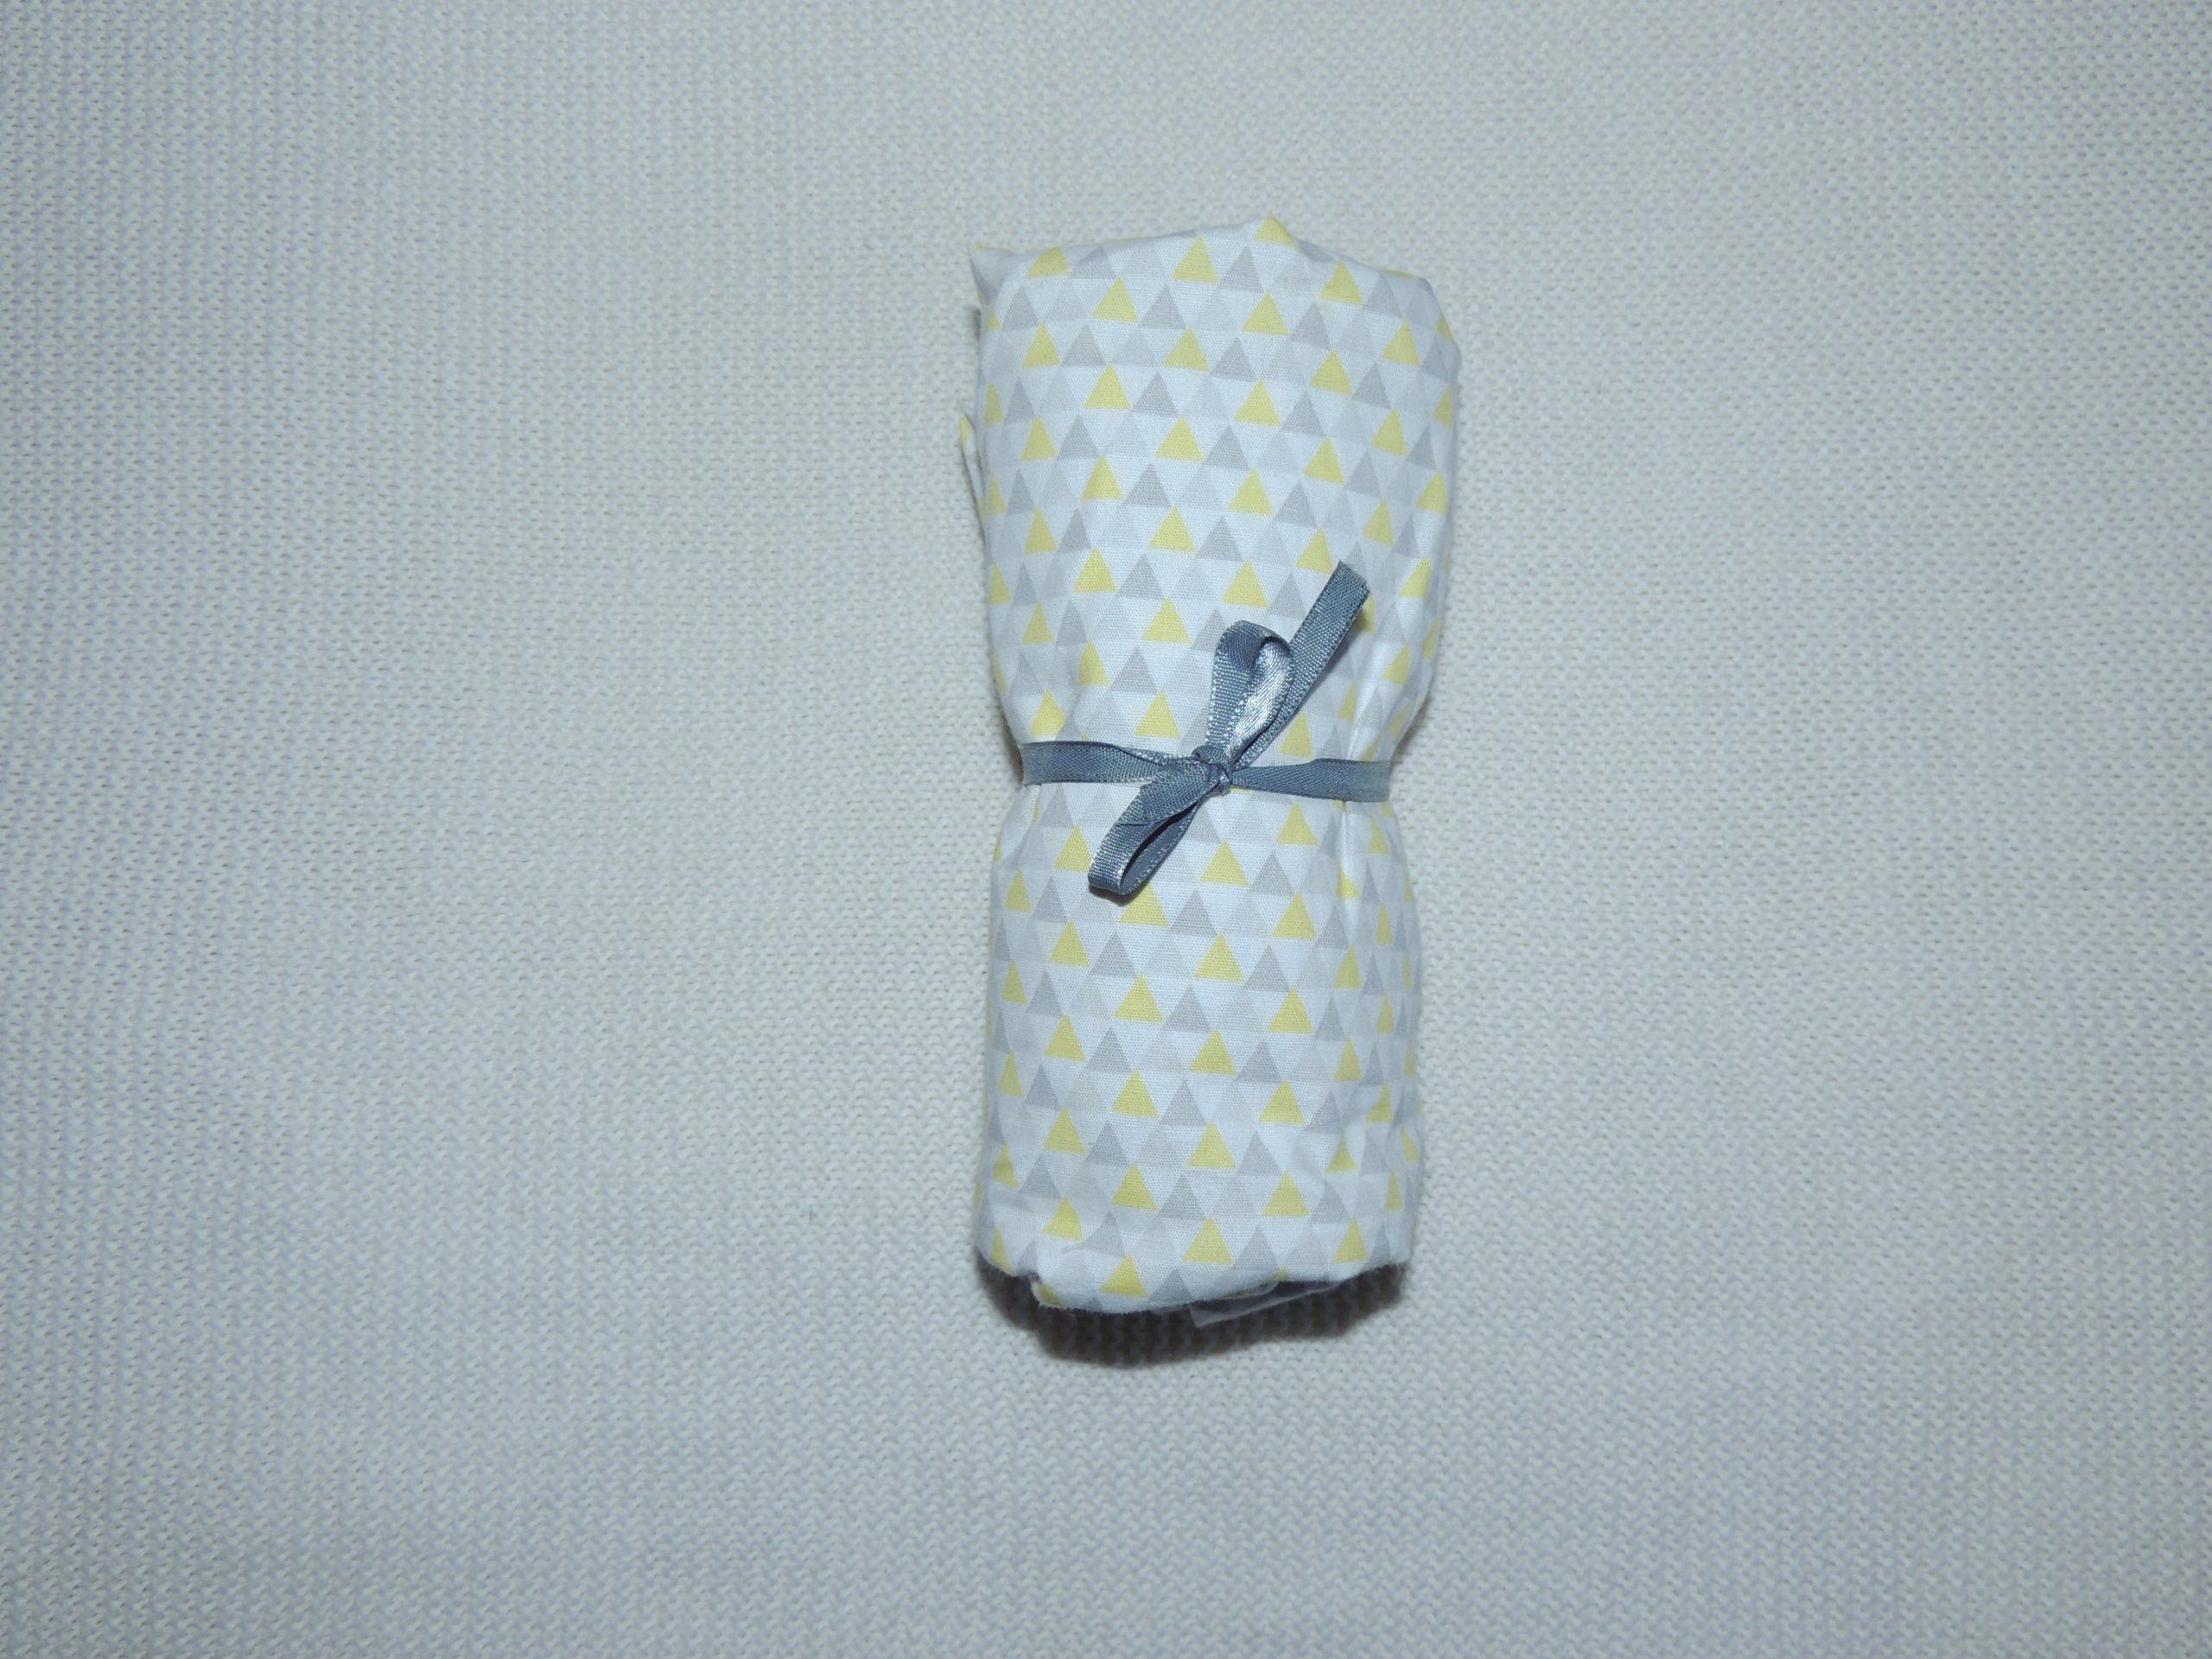 Lençol Para Mini Berço Agarradinho Para Colchões De 86x42x8 – Yole Amarelo E Cinza Colo De Mãe